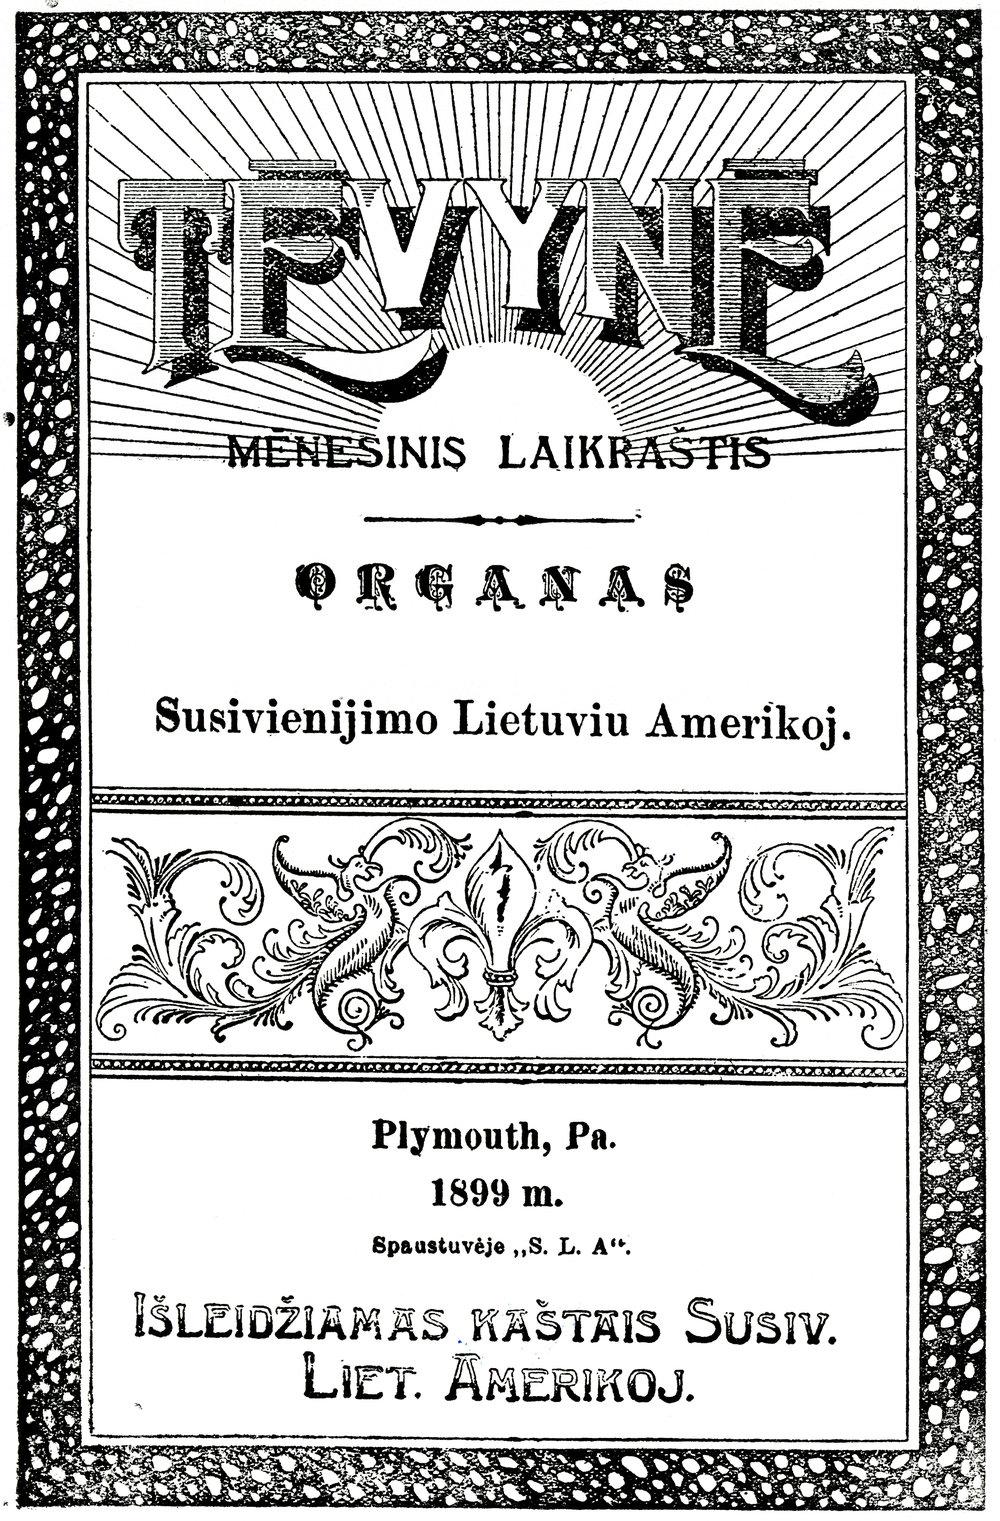 Tėvynėlaikraščio egzempliorius, 1899m. Plymouth, Pa S.L.A Spaustuvė / Tėvynėperiodical,1899 Plymouth, Pa S.L.A printing-house